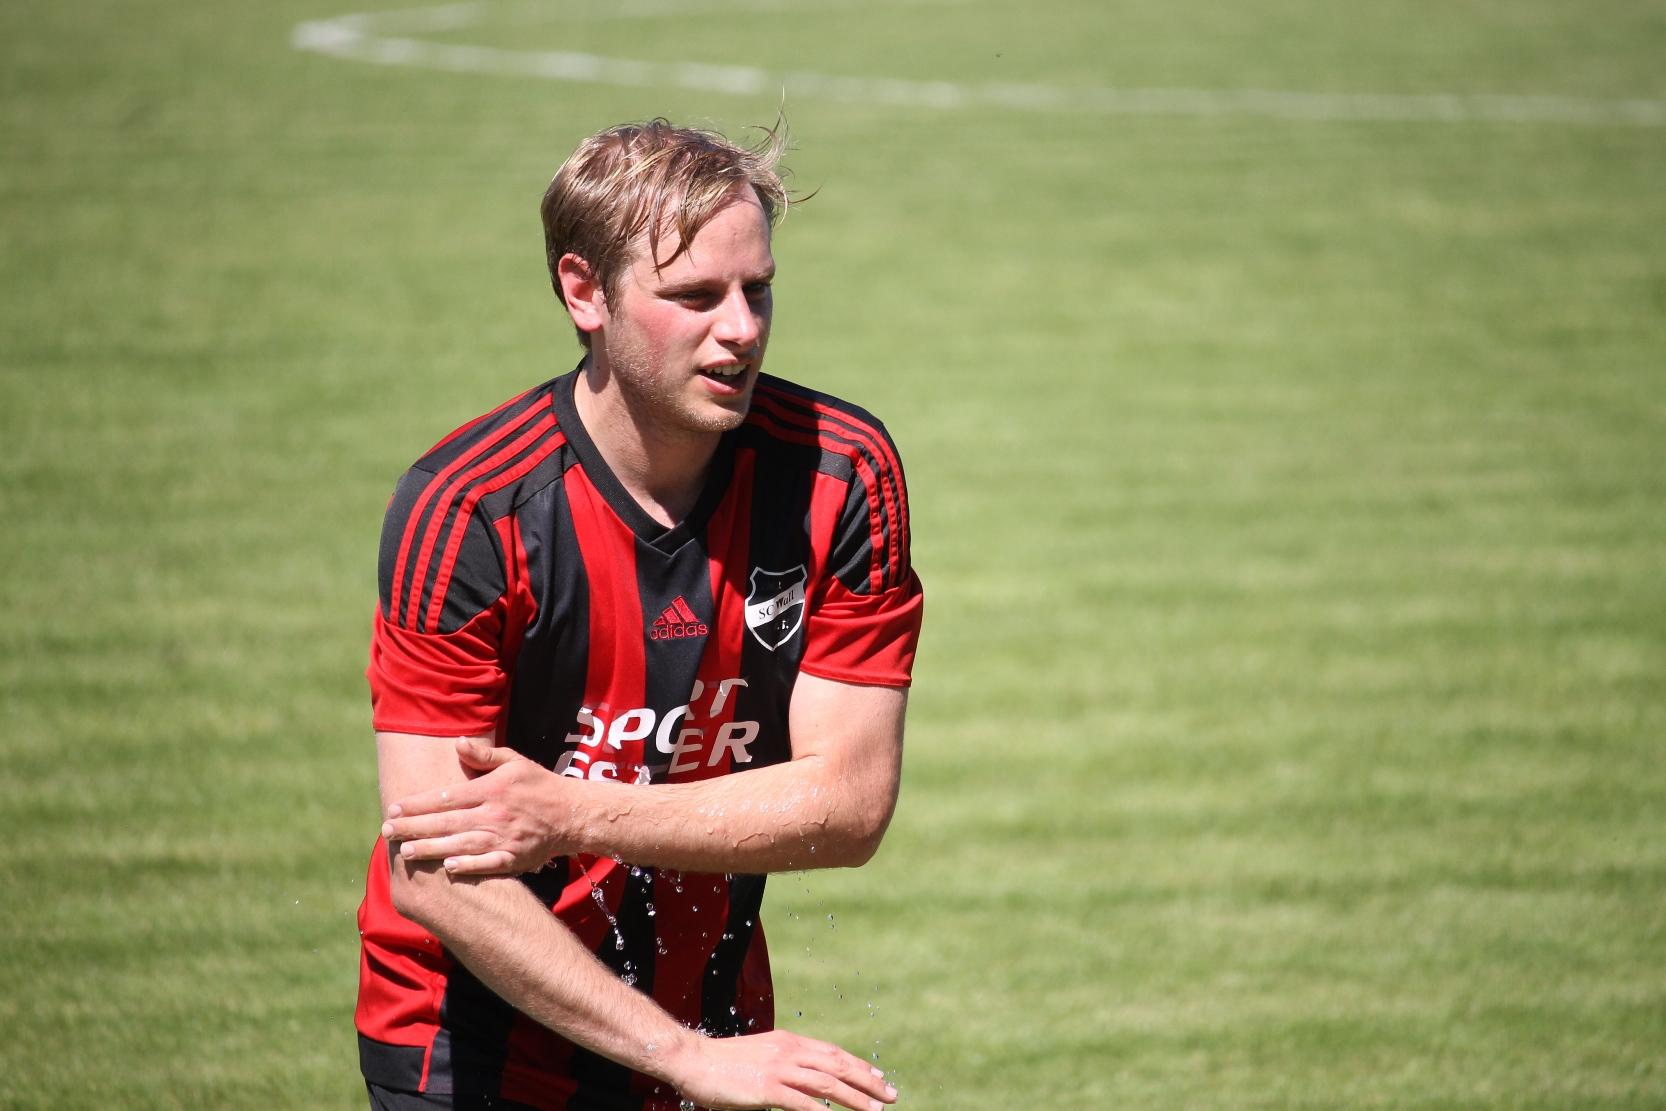 Gegen TSV Schliersee (2:1) am 28.5.2017